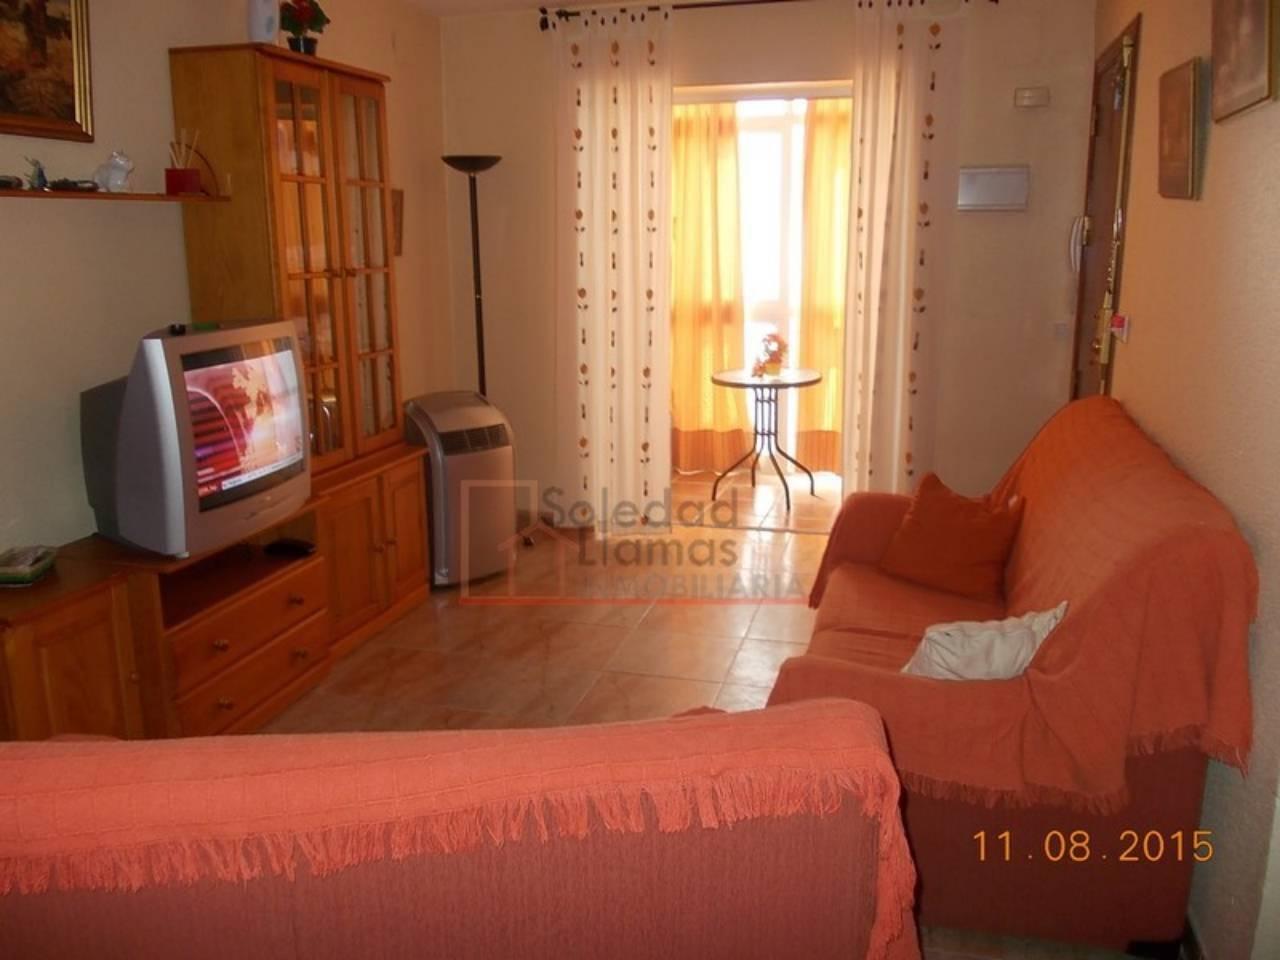 Piso en alquiler con 75 m2, 3 dormitorios  en Rota, Avda. la Marina